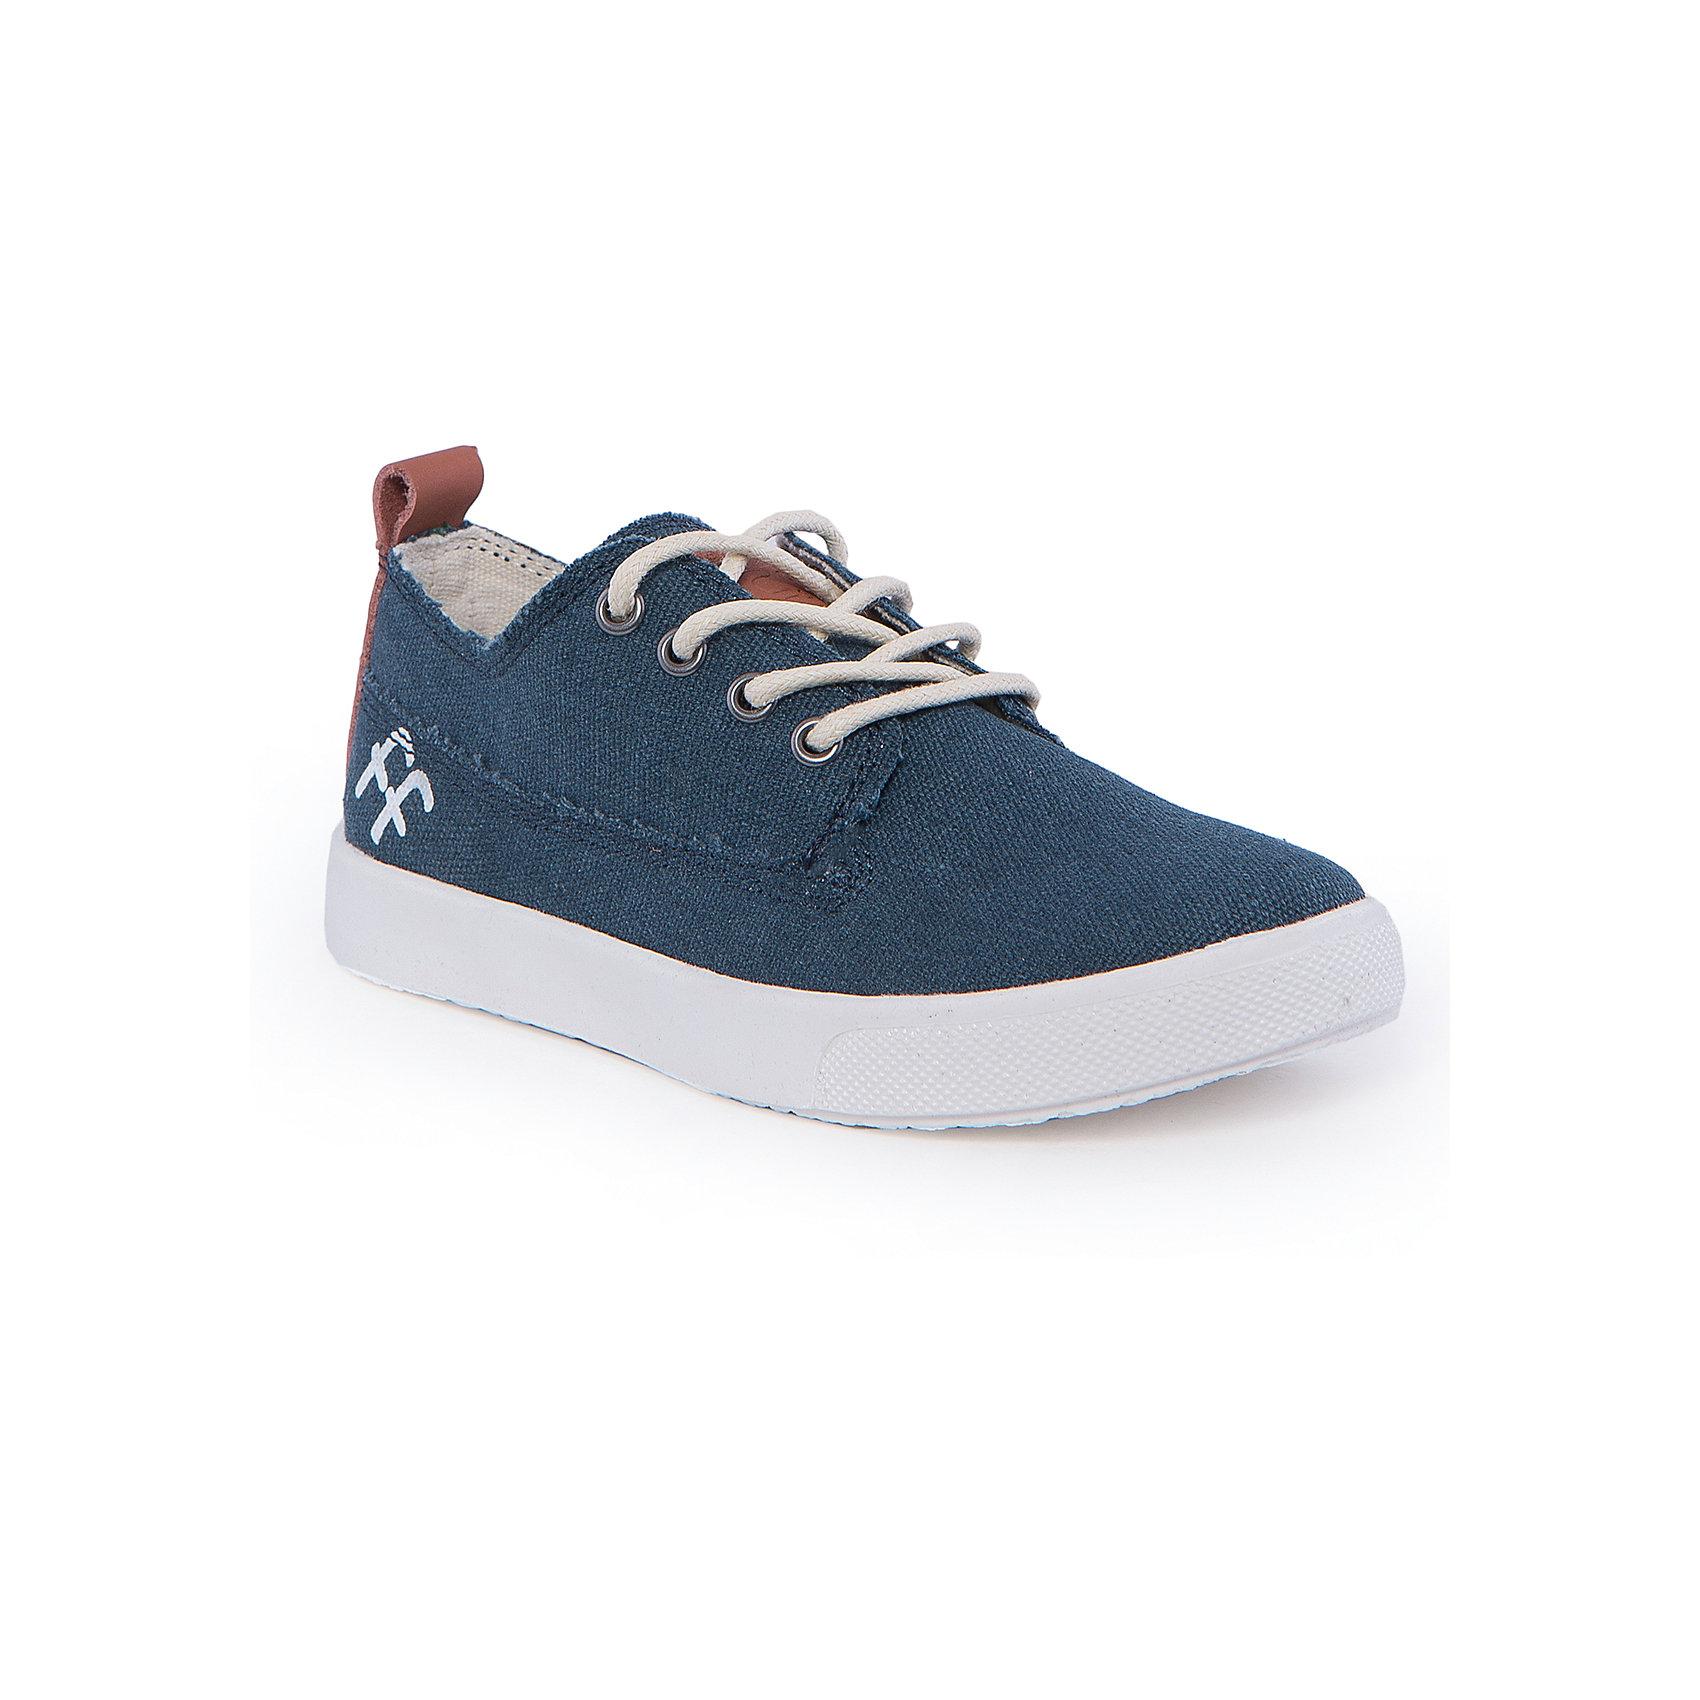 Кеды для мальчика BebendorffКеды для мальчика от известного бренда Bebendorff<br><br>Стильные джинсовые кеды разнообразят гардероб мальчика в новом весенне-летнем сезоне. Кеды сделаны из качественных материалов, поэтому не только отлично смотрятся, но и обеспечивают комфорт детским ногам.<br><br>Отличительные особенности модели:<br><br>- цвет: синий джинс;<br>- удобная форма;<br>- небольшой принт;<br>- качественные материалы;<br>- толстая устойчивая подошва;<br>- хлопковая подкладка;<br>- шнуровка;<br>- стелька из натуральной кожи.<br><br>Дополнительная информация:<br><br>Температурный режим: от + 10° С до + 25° С.<br><br>Состав:<br>верх - текстиль;<br>подкладка - хлопок;<br>стелька - натуральная кожа;<br>подошва - ТПР.<br><br>Кеды для мальчика Bebendorff (Бебендорф) можно купить в нашем магазине.<br><br>Ширина мм: 250<br>Глубина мм: 150<br>Высота мм: 150<br>Вес г: 250<br>Цвет: синий<br>Возраст от месяцев: 60<br>Возраст до месяцев: 72<br>Пол: Мужской<br>Возраст: Детский<br>Размер: 29,33,30,31,32,28<br>SKU: 4554696